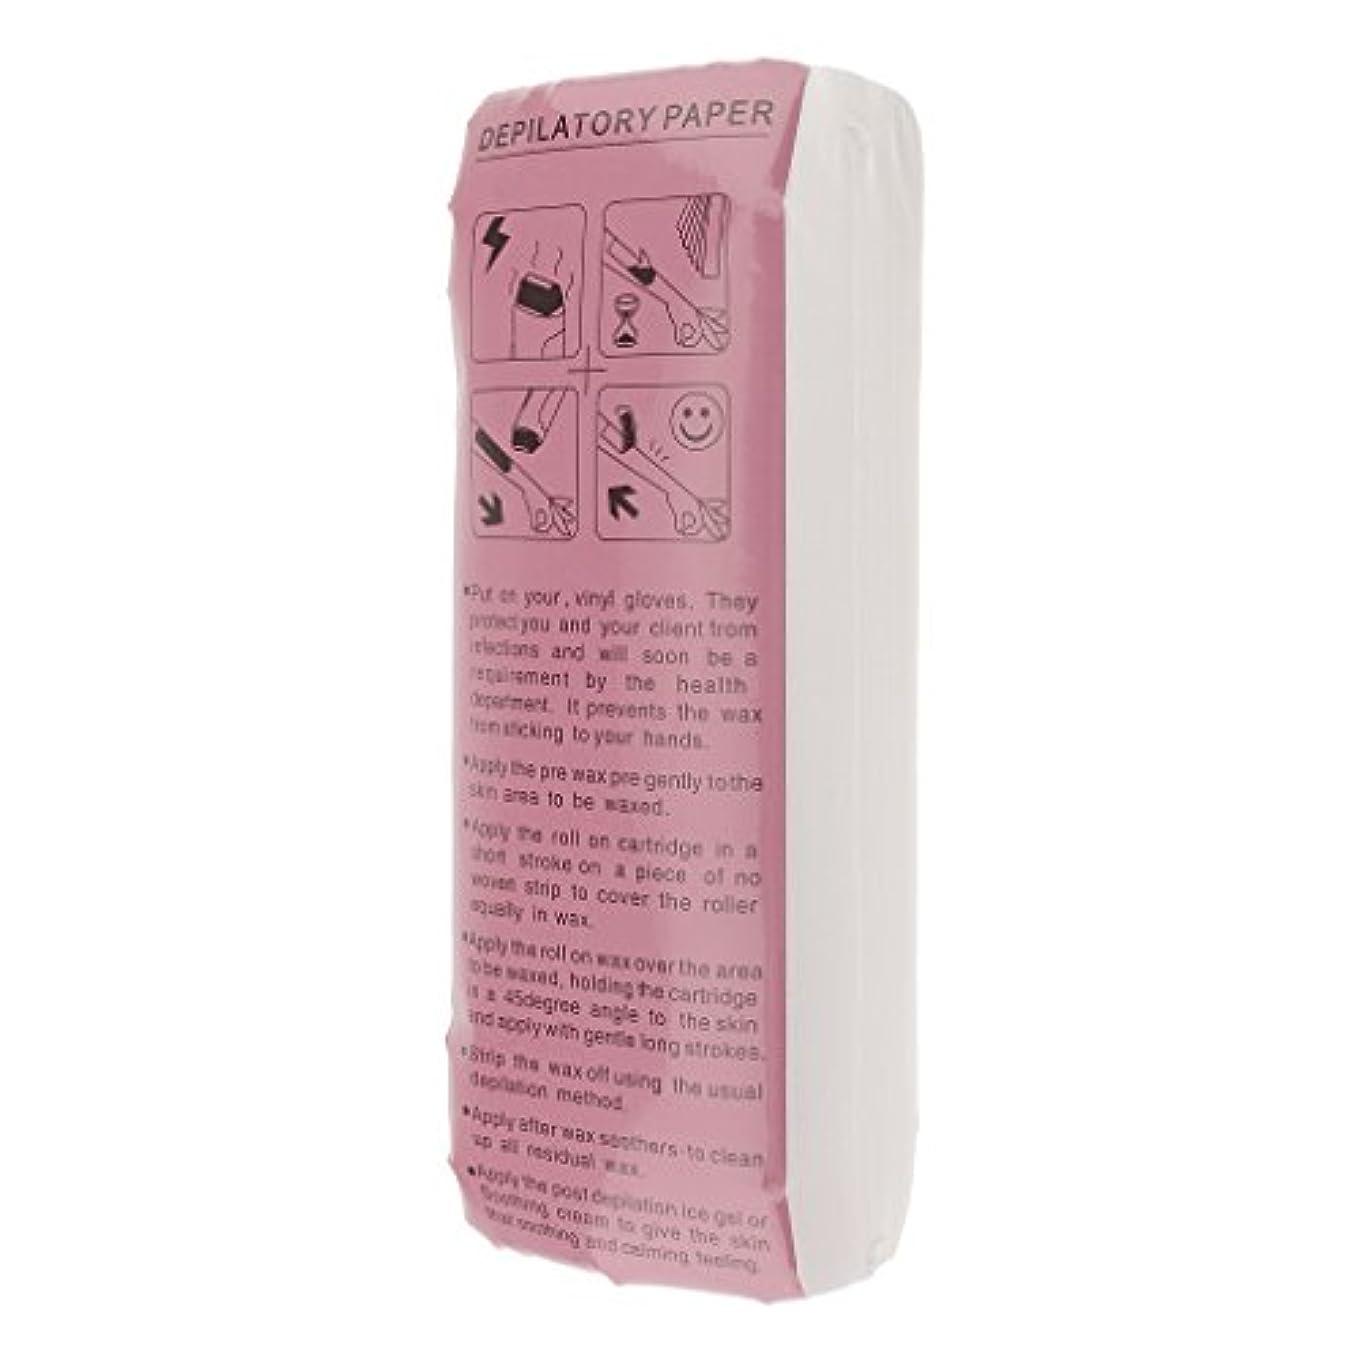 たとえ細菌哀脱毛紙 フェイシャル ボディ除毛 脱毛ワックスストリップ 不織布 衛生的 便利 約100枚セット